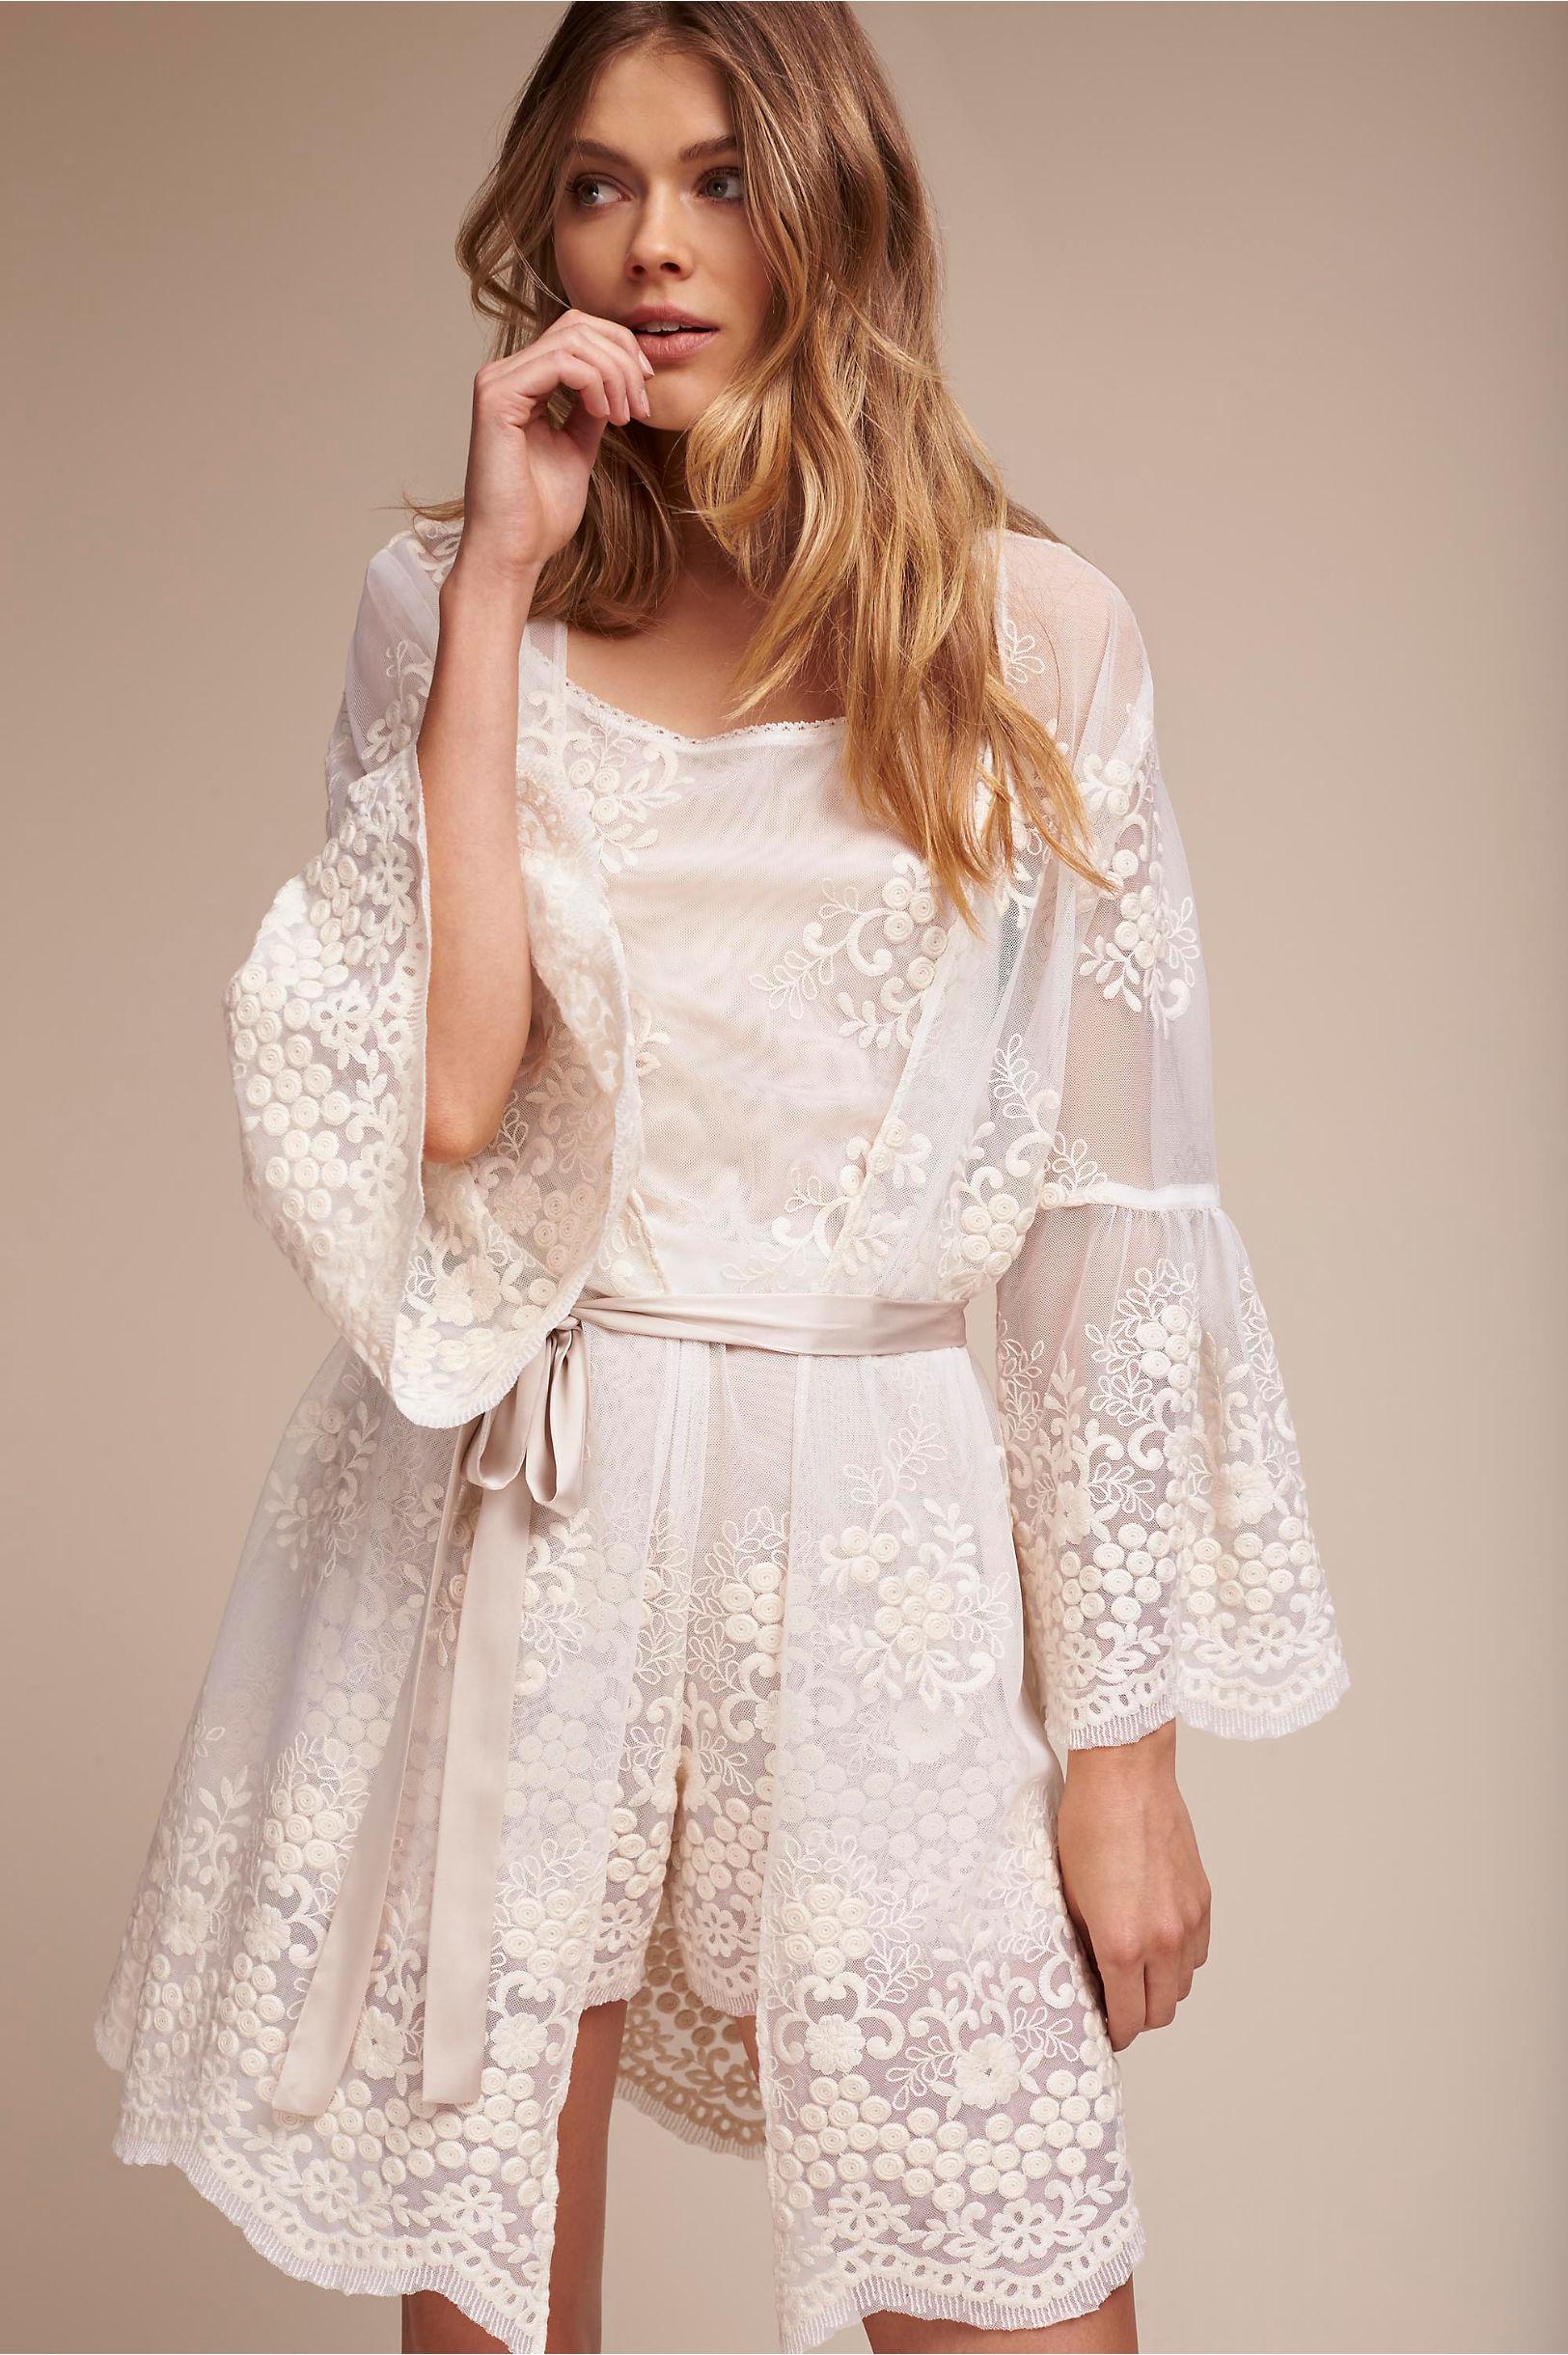 صور ملابس داخلية للعروس , اجمد كولكشن لانجيرى للعروس فى شهر العسل